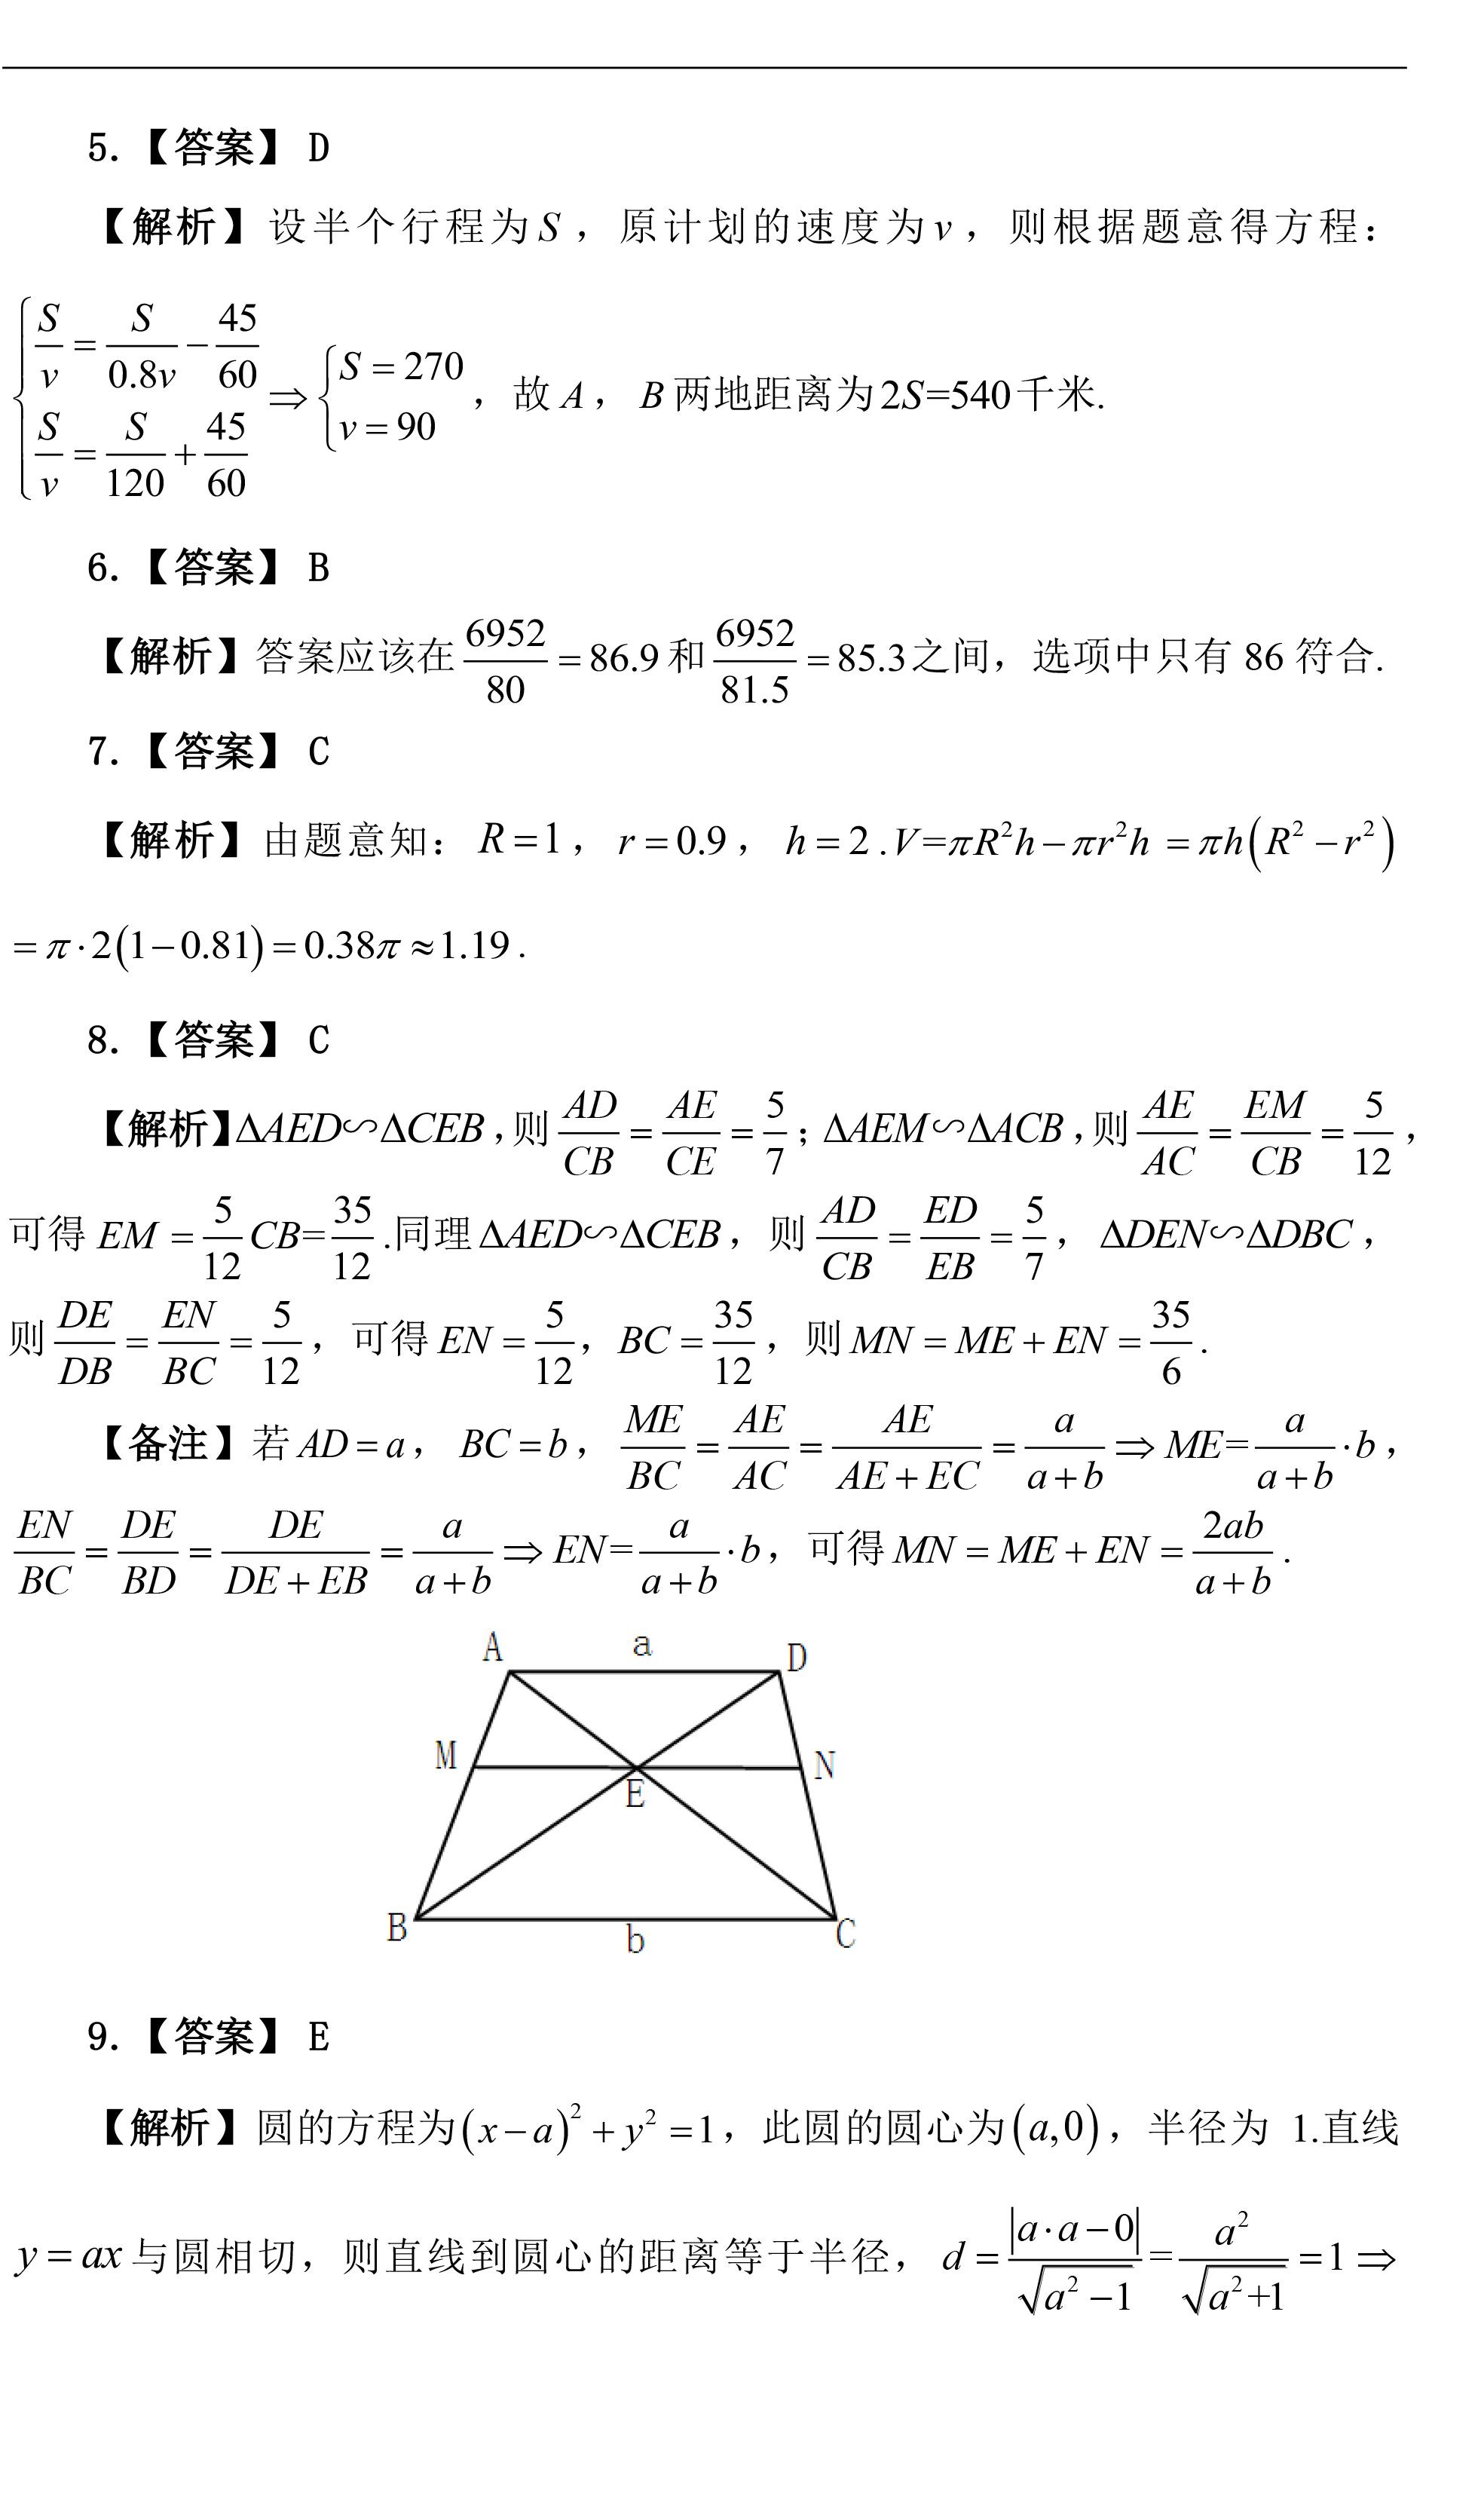 真题试卷集-综合-2014~2018-解析-21.jpg